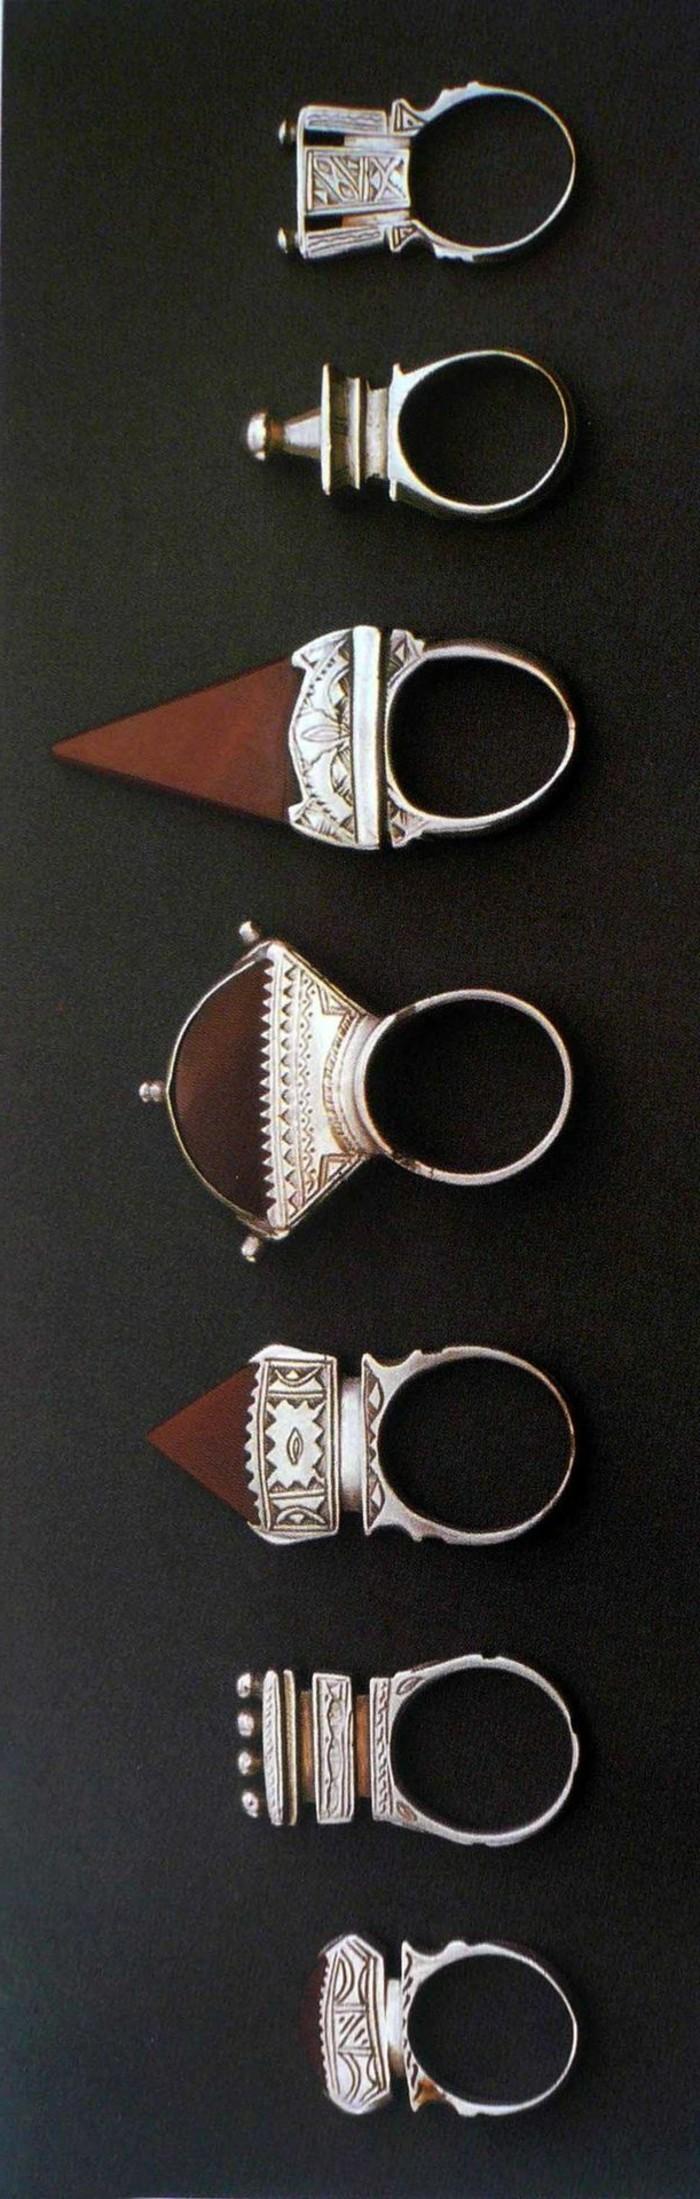 außergewöhnliche-Ringe-verschiedene-Modelle-beeindruckend